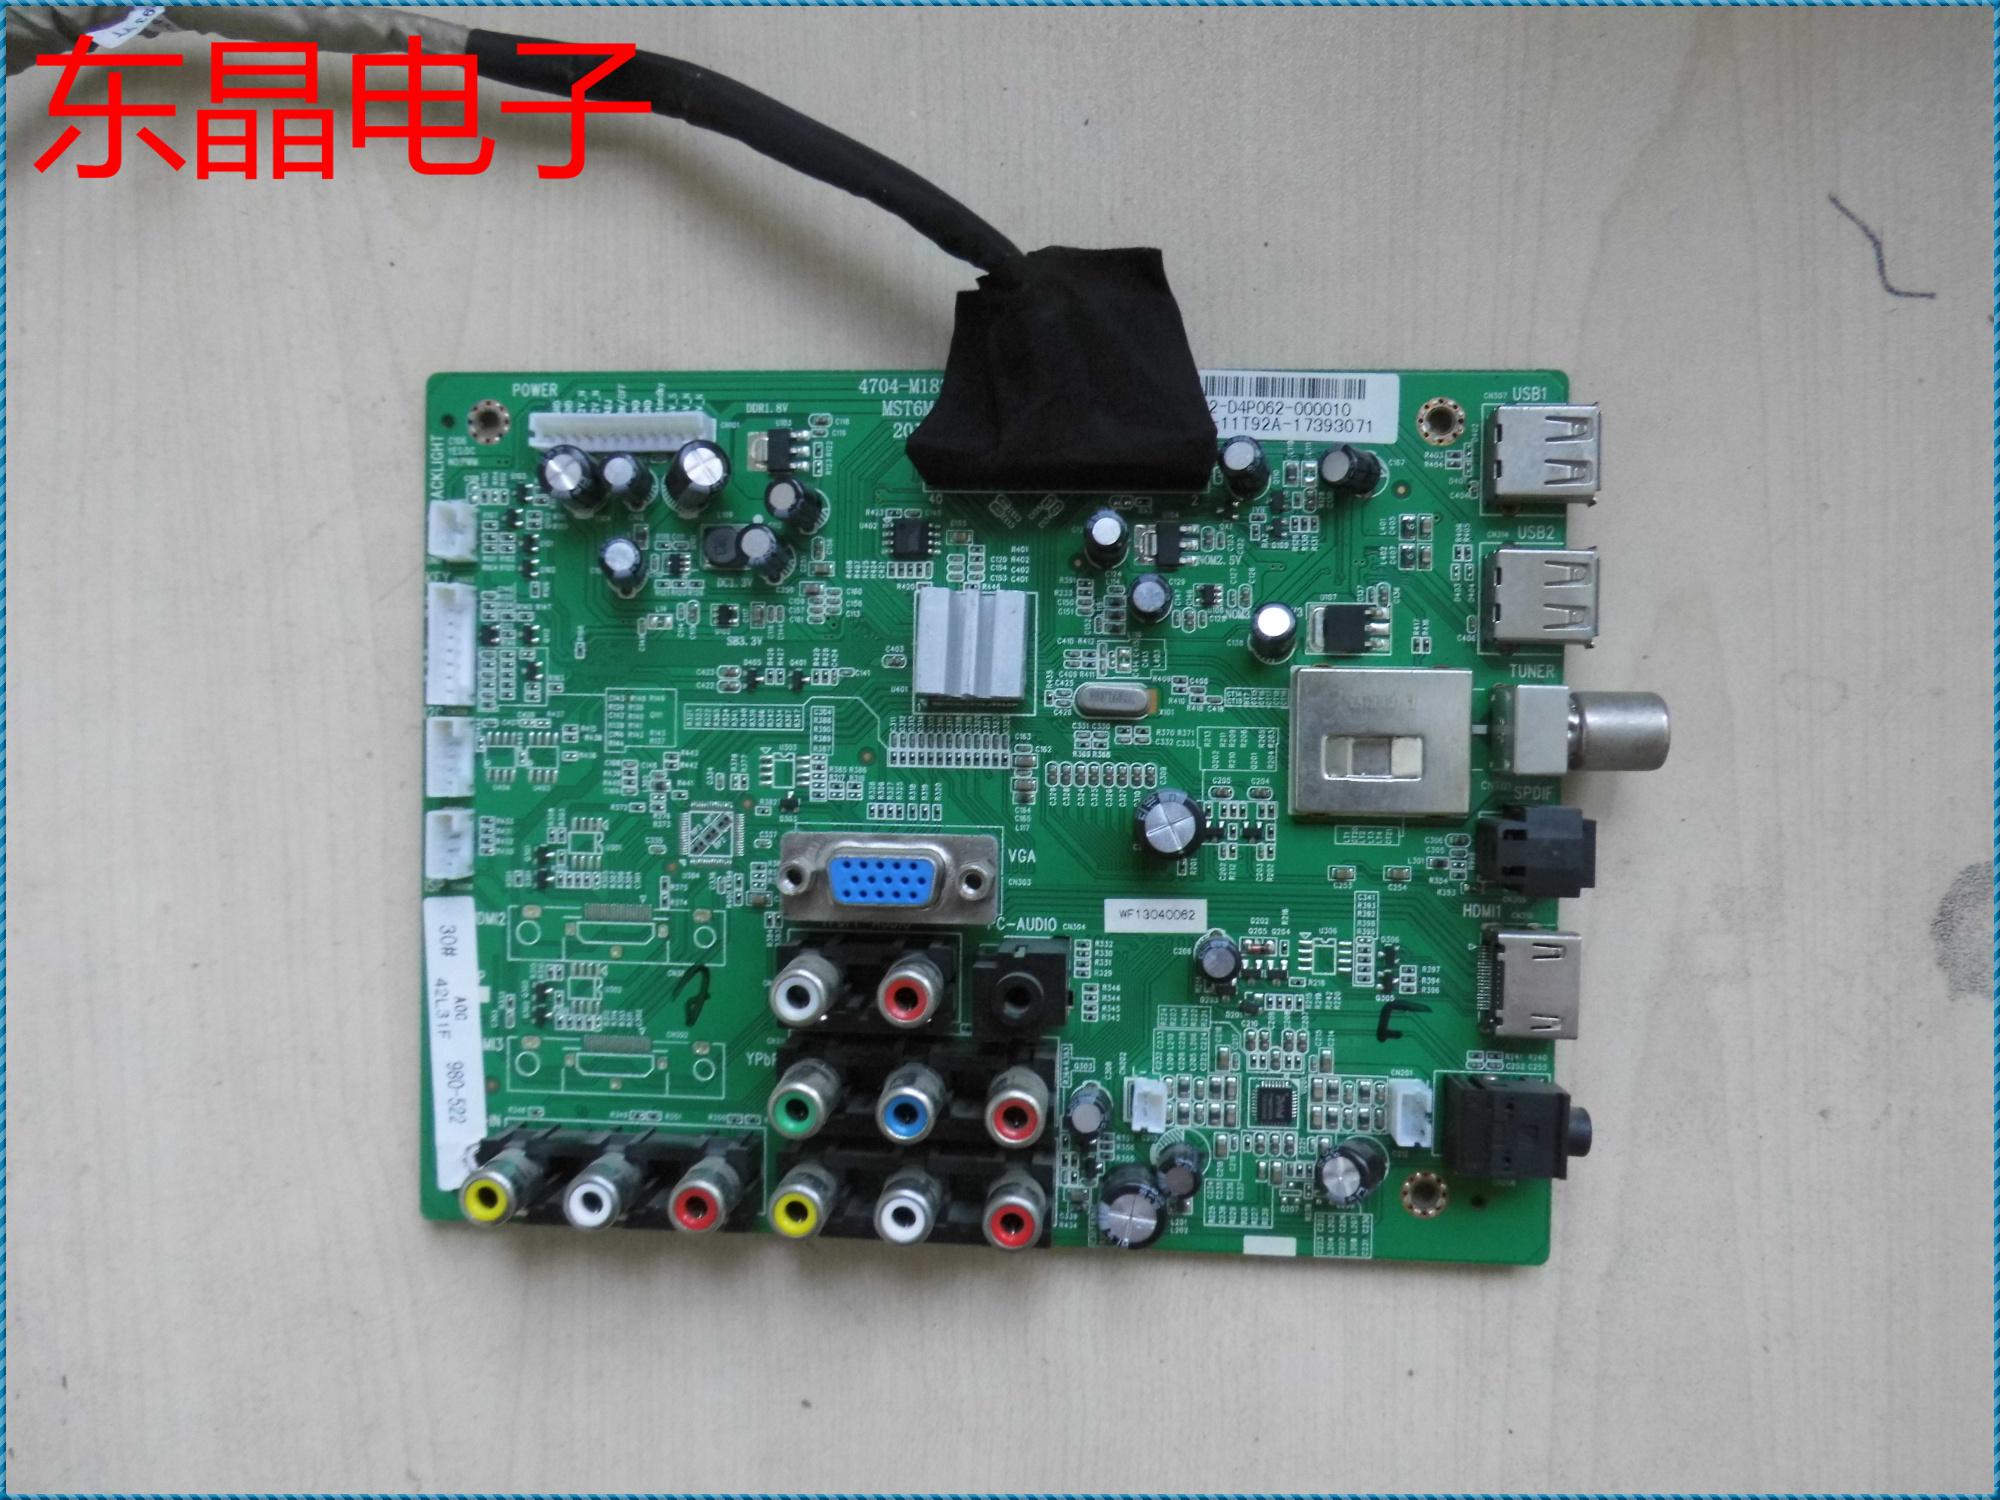 清华同方k420a有线网卡没有了,设备管理器里没有,鲁大师驱动精灵驱动